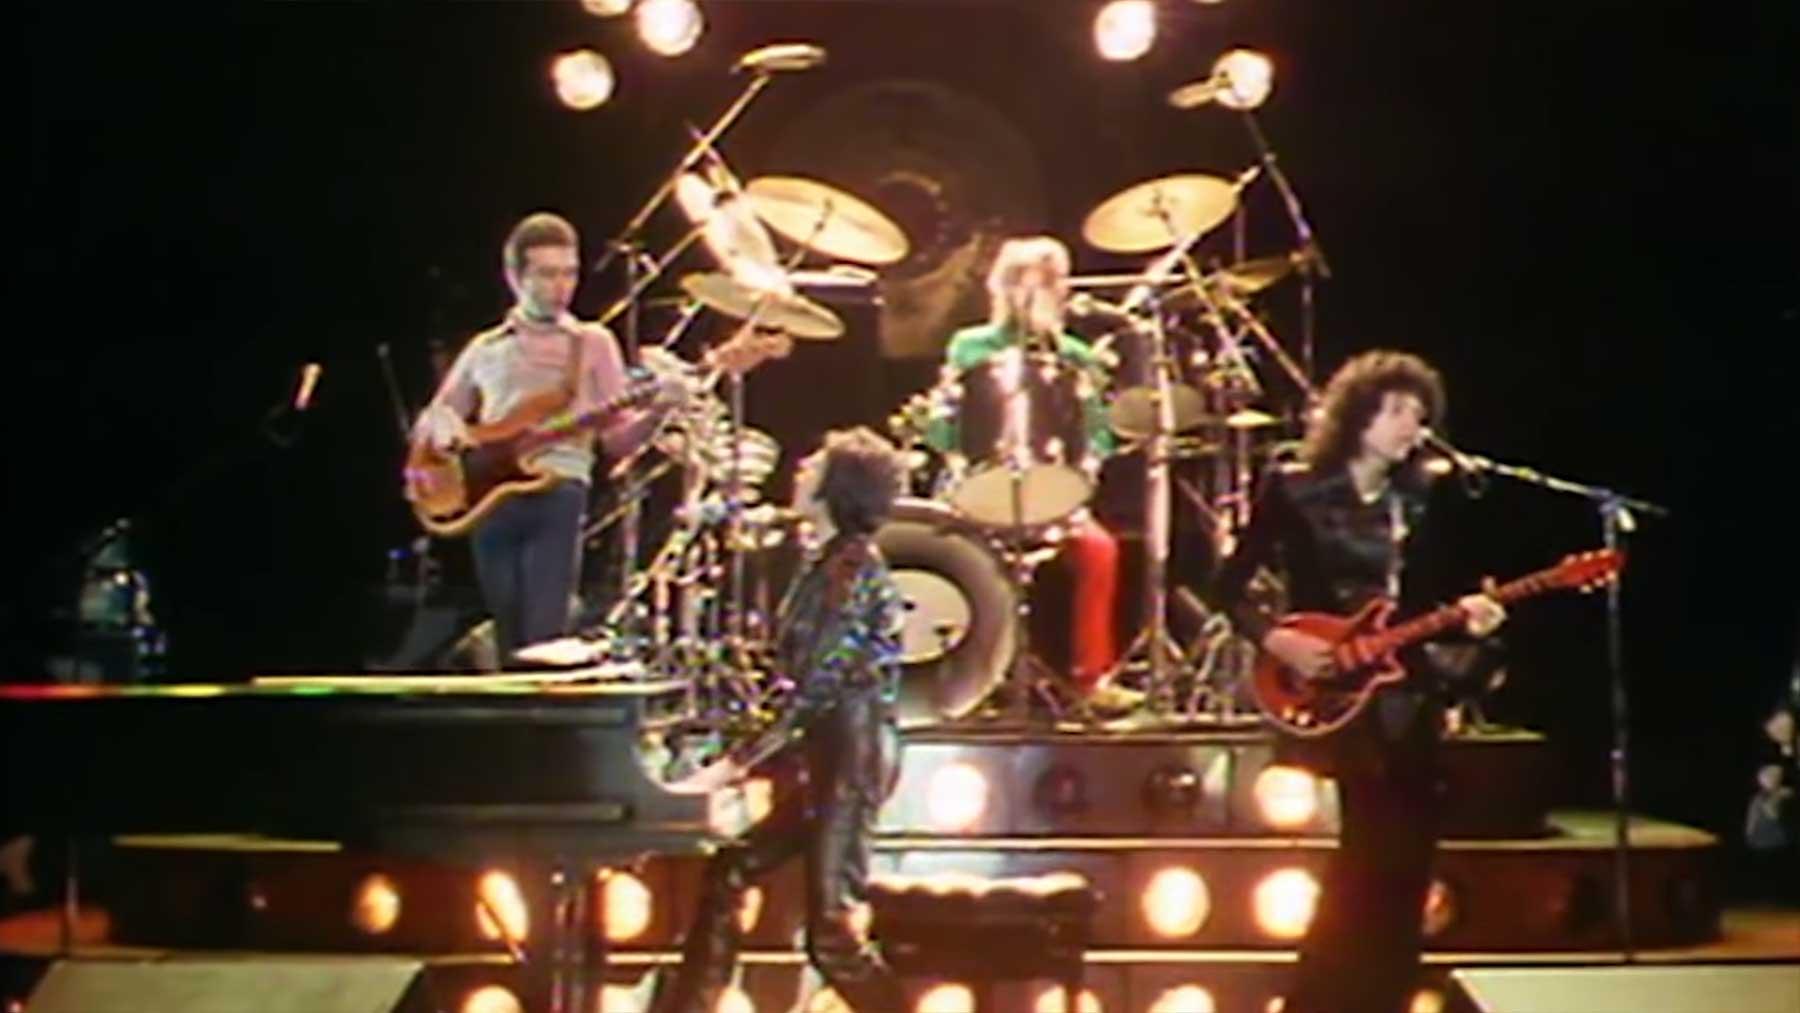 43 Minuten Live-Aufnahmen von Queen-Gigs aus den 70ern